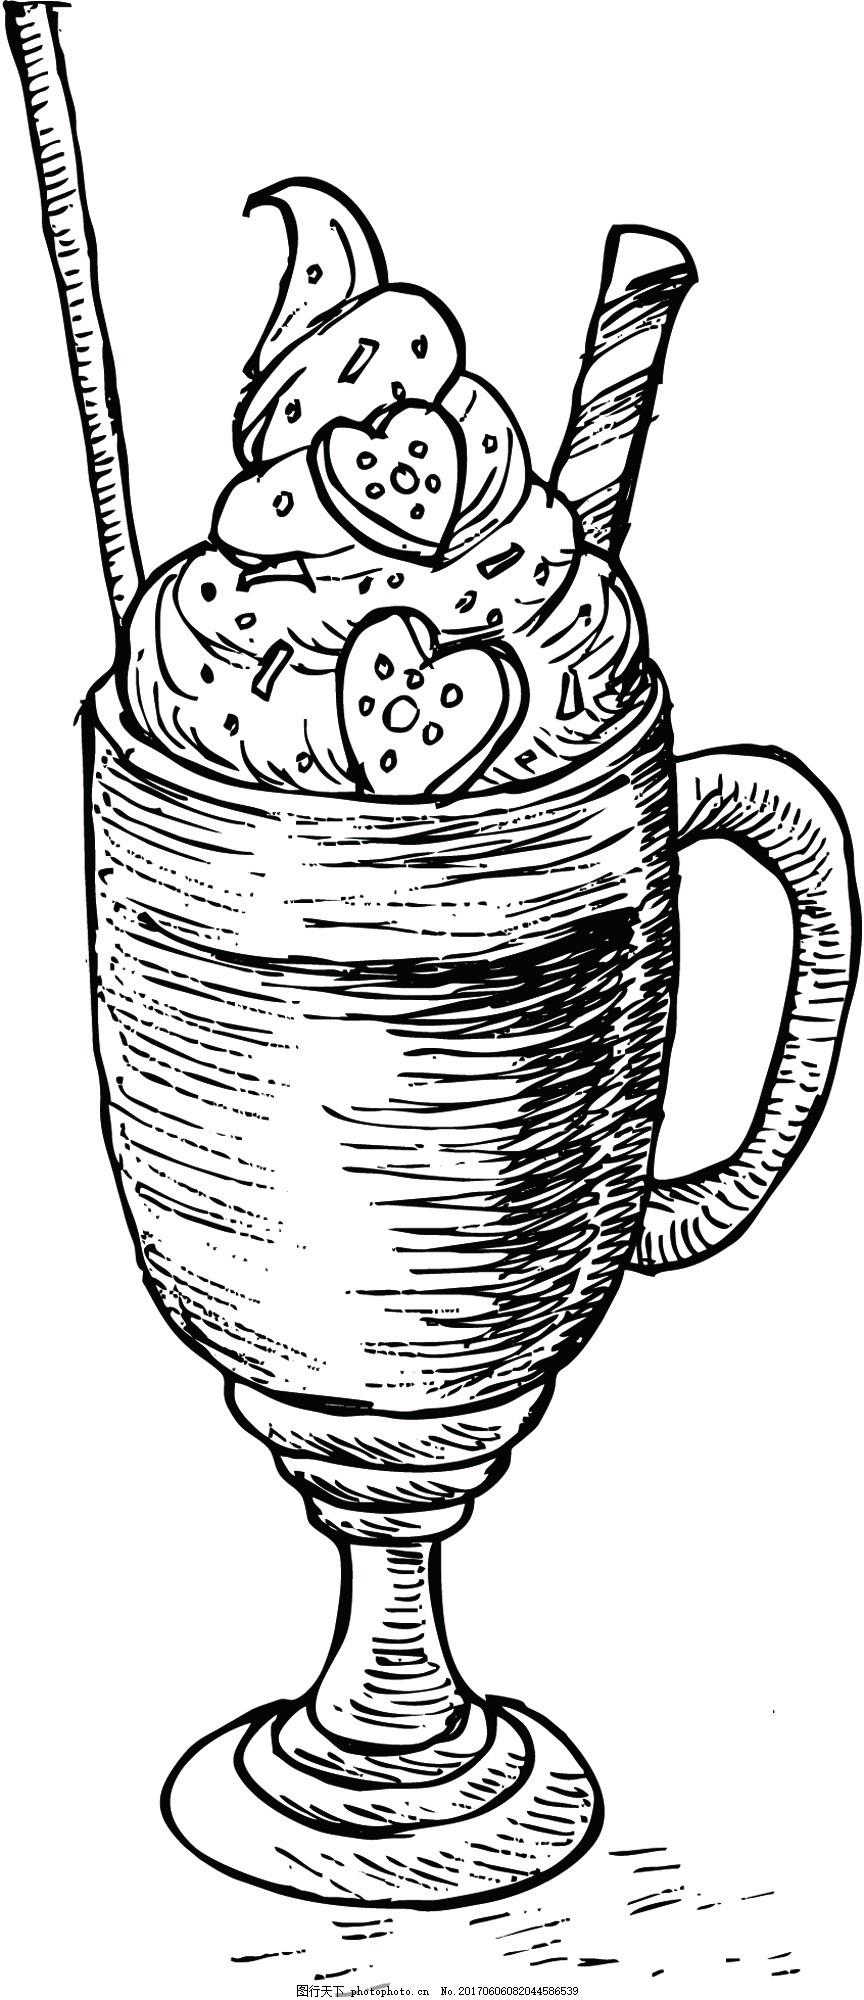 手绘冰淇淋矢量高清png免抠素材 铅笔画 夏天 黑白 背景 源文件